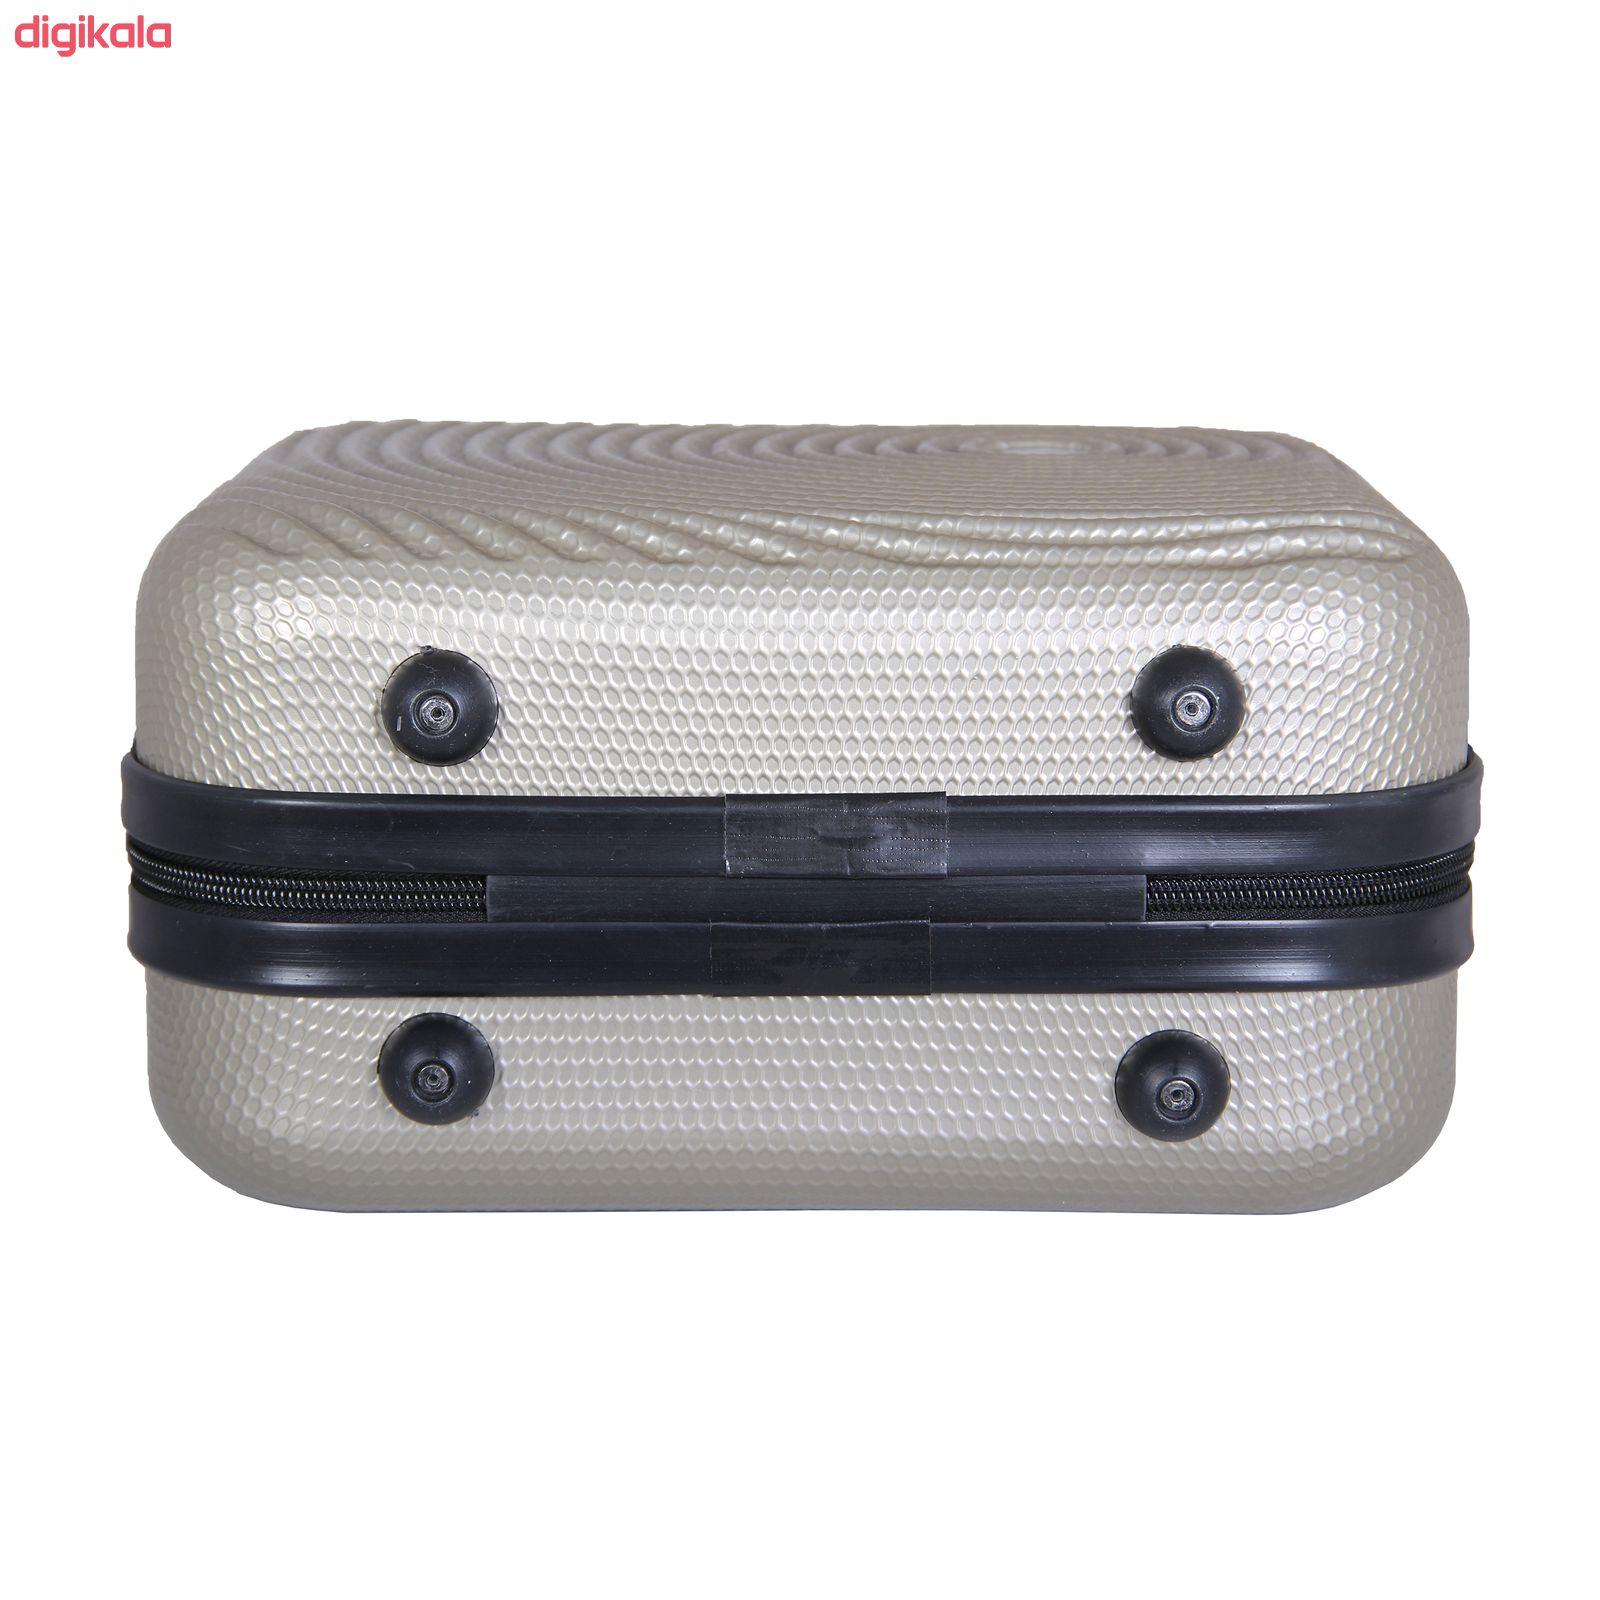 مجموعه چهار عددی چمدان اسپرت من مدل NS001 main 1 51